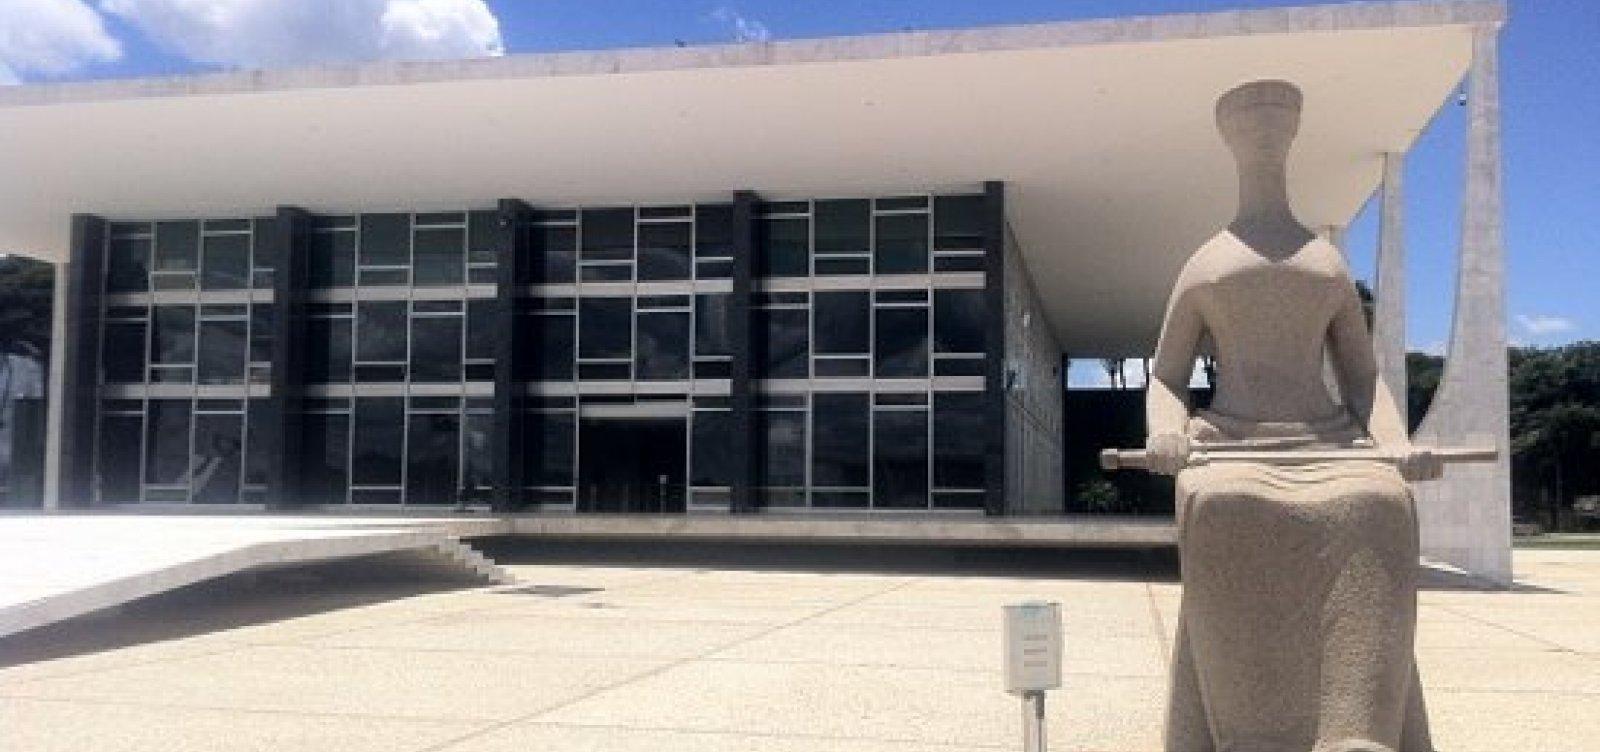 [Pensão vitalícia para ex-governadores da Bahia é inconstitucional, diz STF]